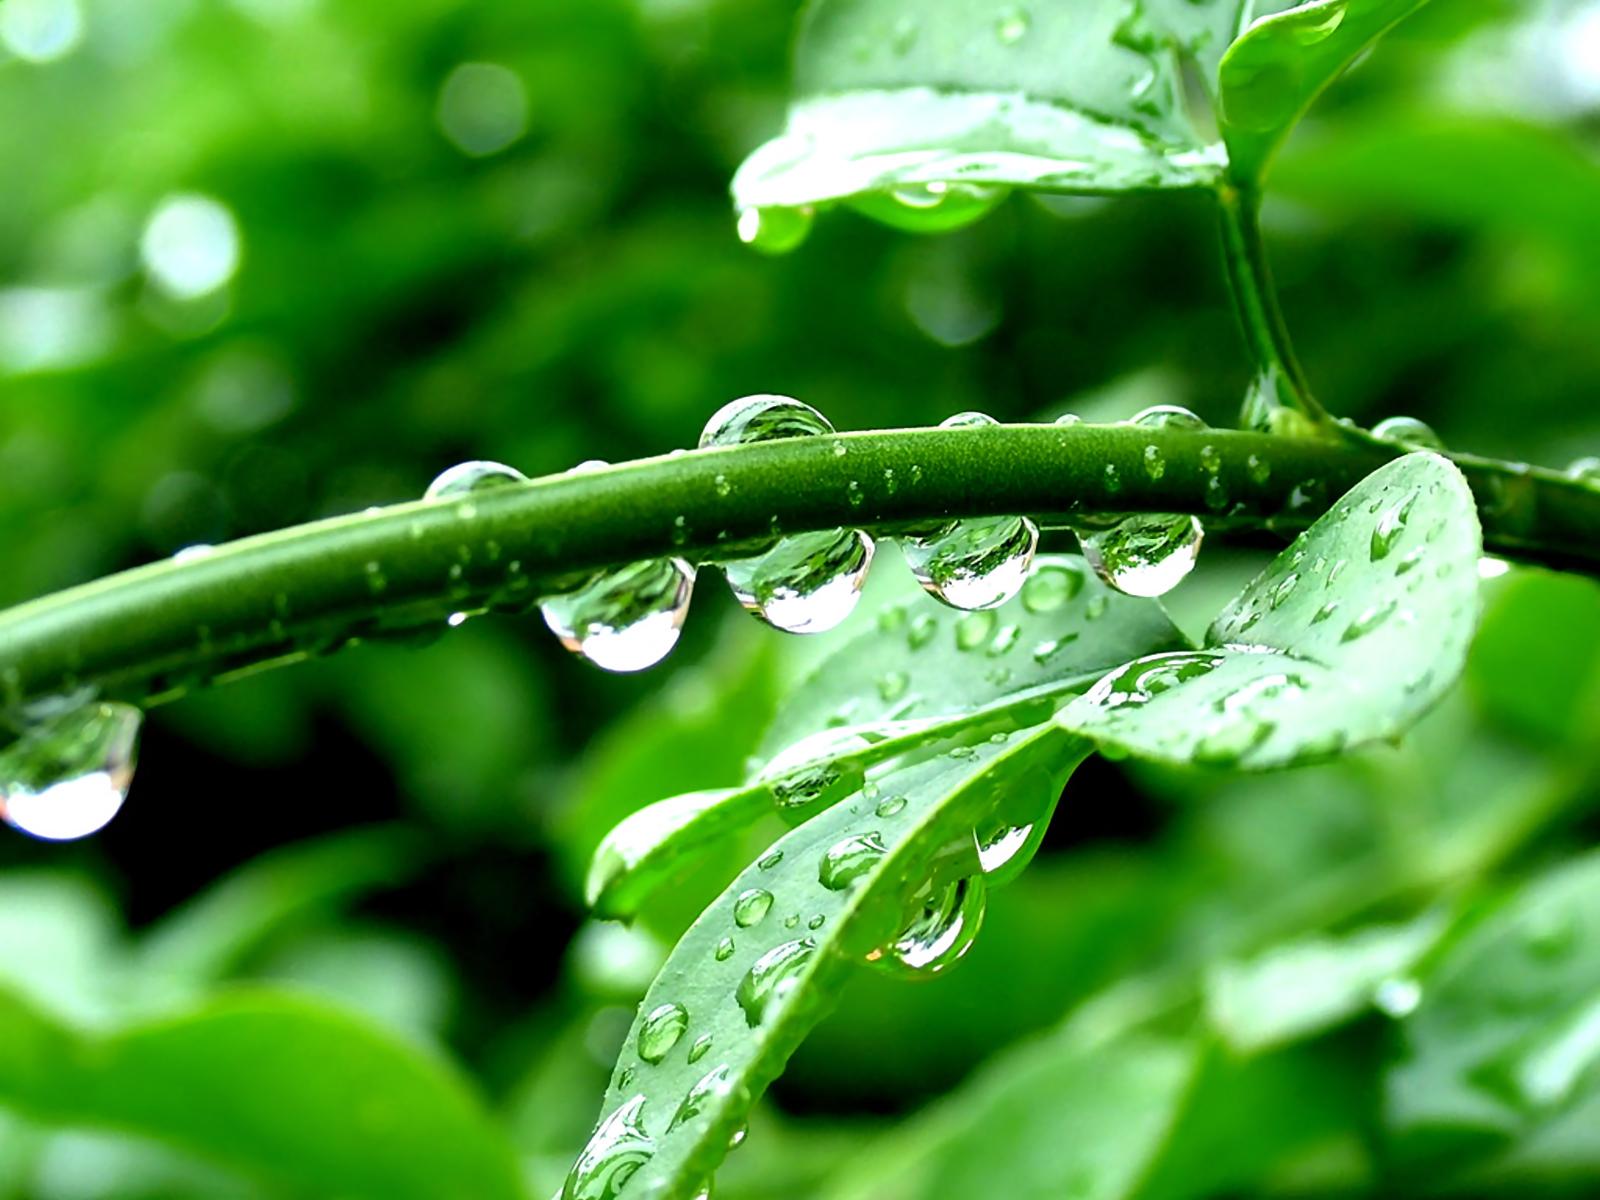 http://4.bp.blogspot.com/-9ldLReGGUNM/TtR5pqOtH-I/AAAAAAAAALg/d4B_p1fDdG4/s1600/nature_0093.jpg